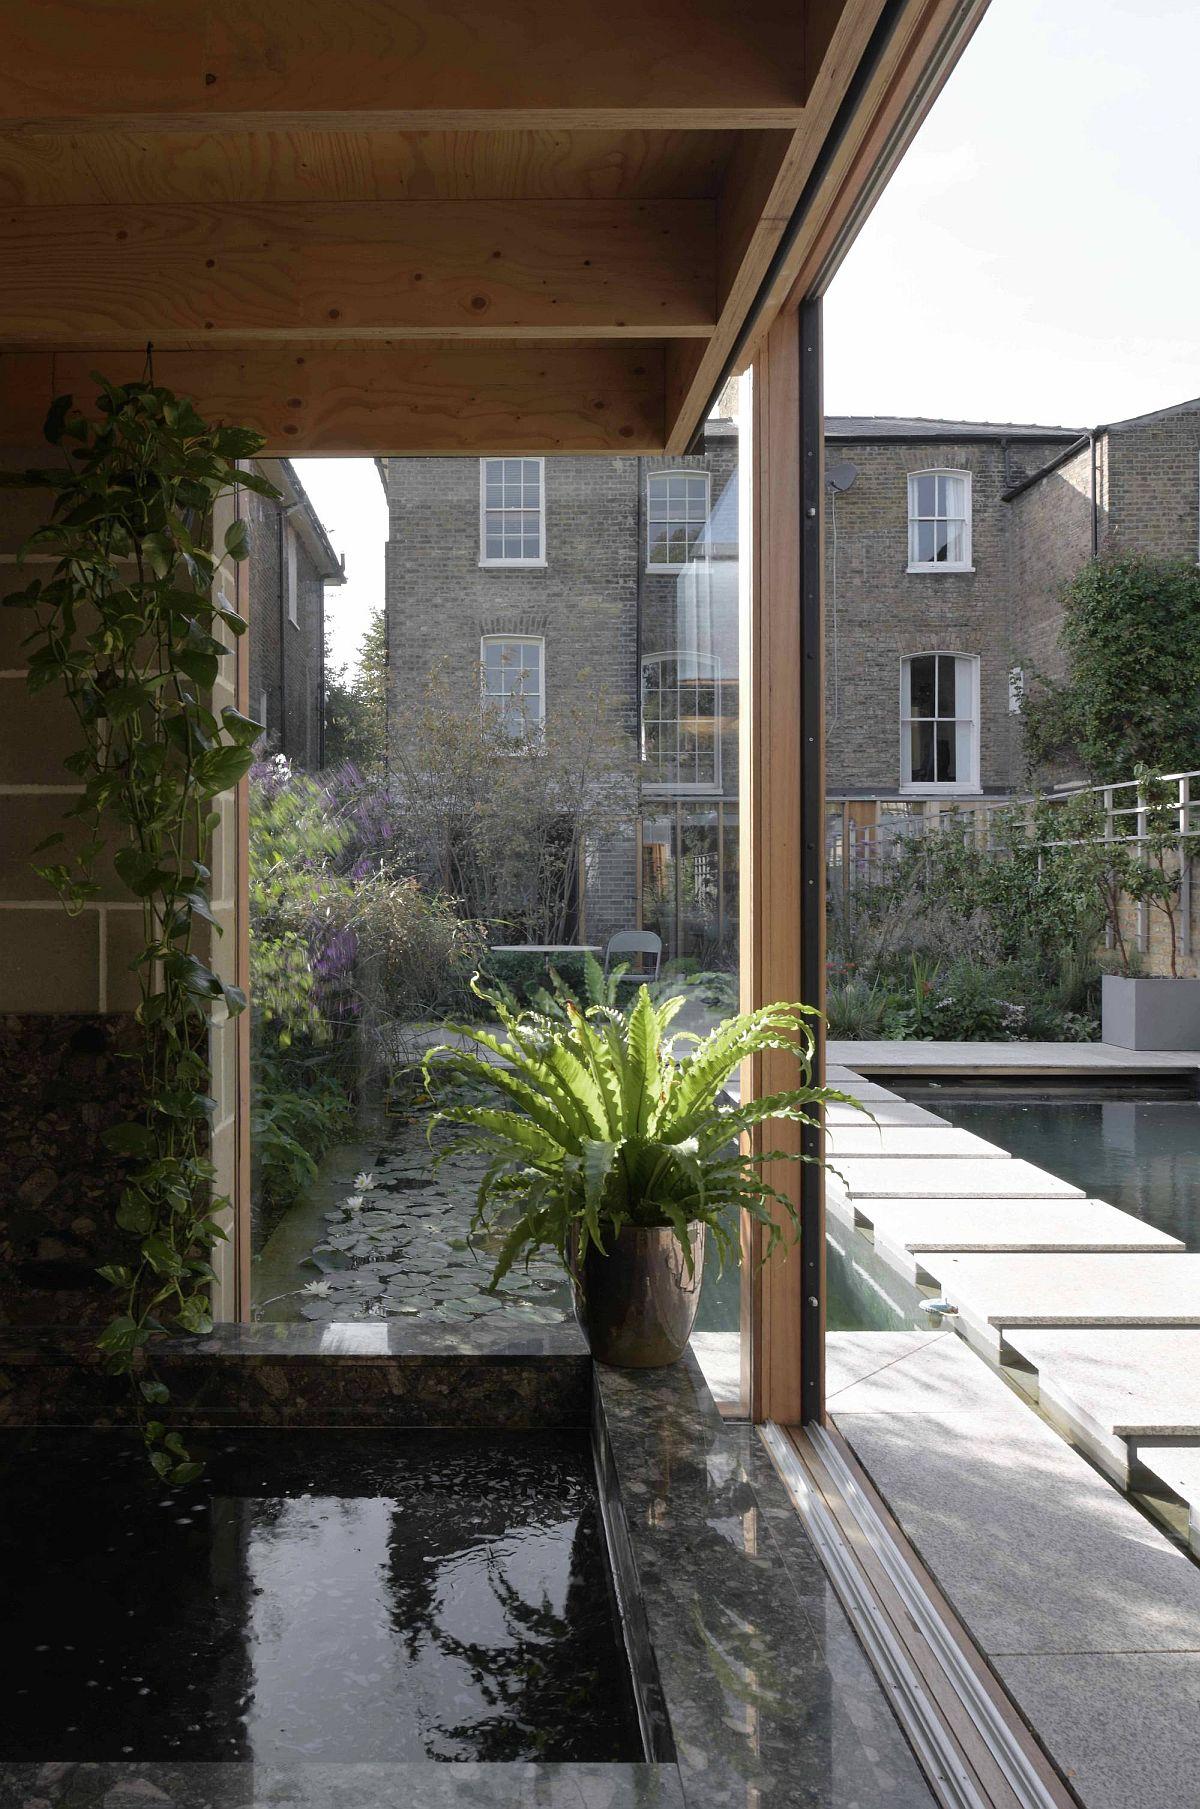 Les pièces d'eau et la verdure deviennent une partie naturelle de la charmante salle de jardin